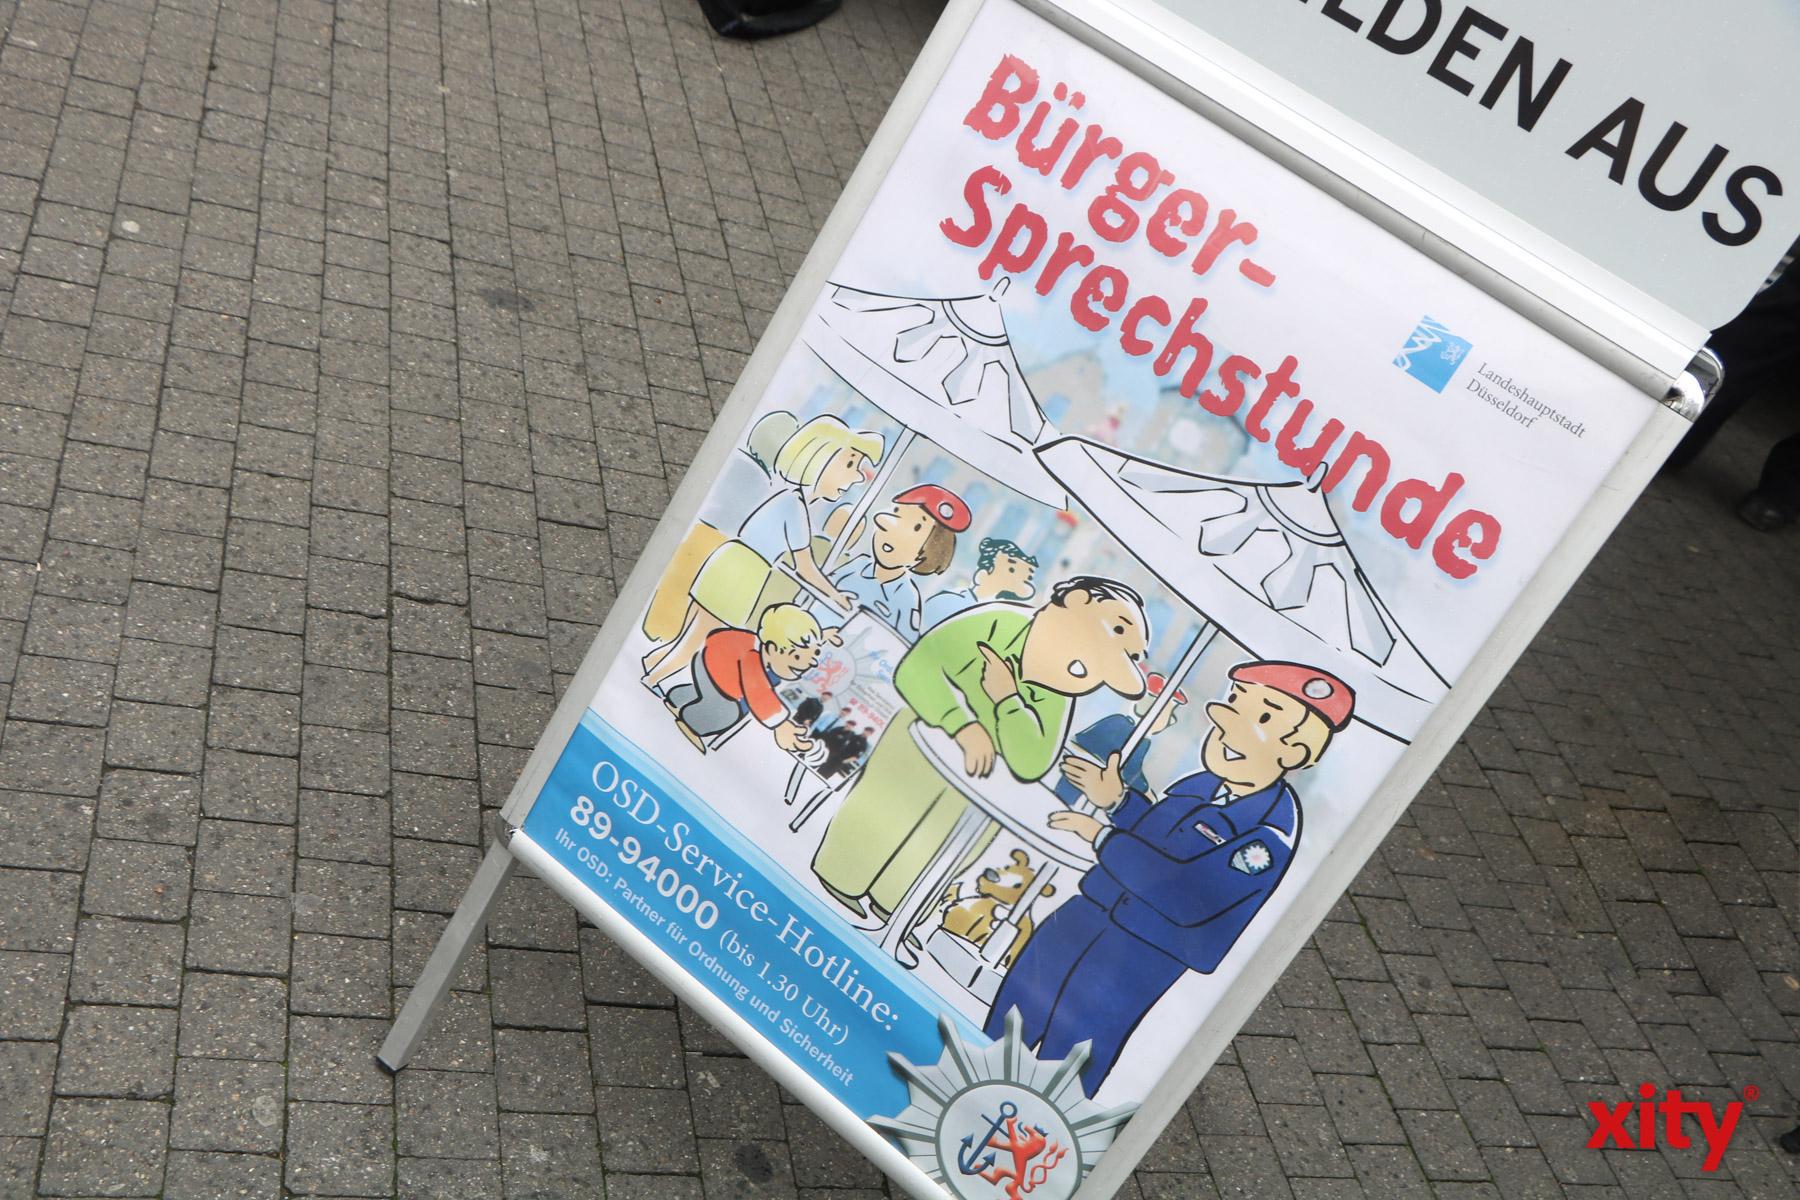 OSD-Bürgersprechstunden in Hellerhof (Foto: xity)